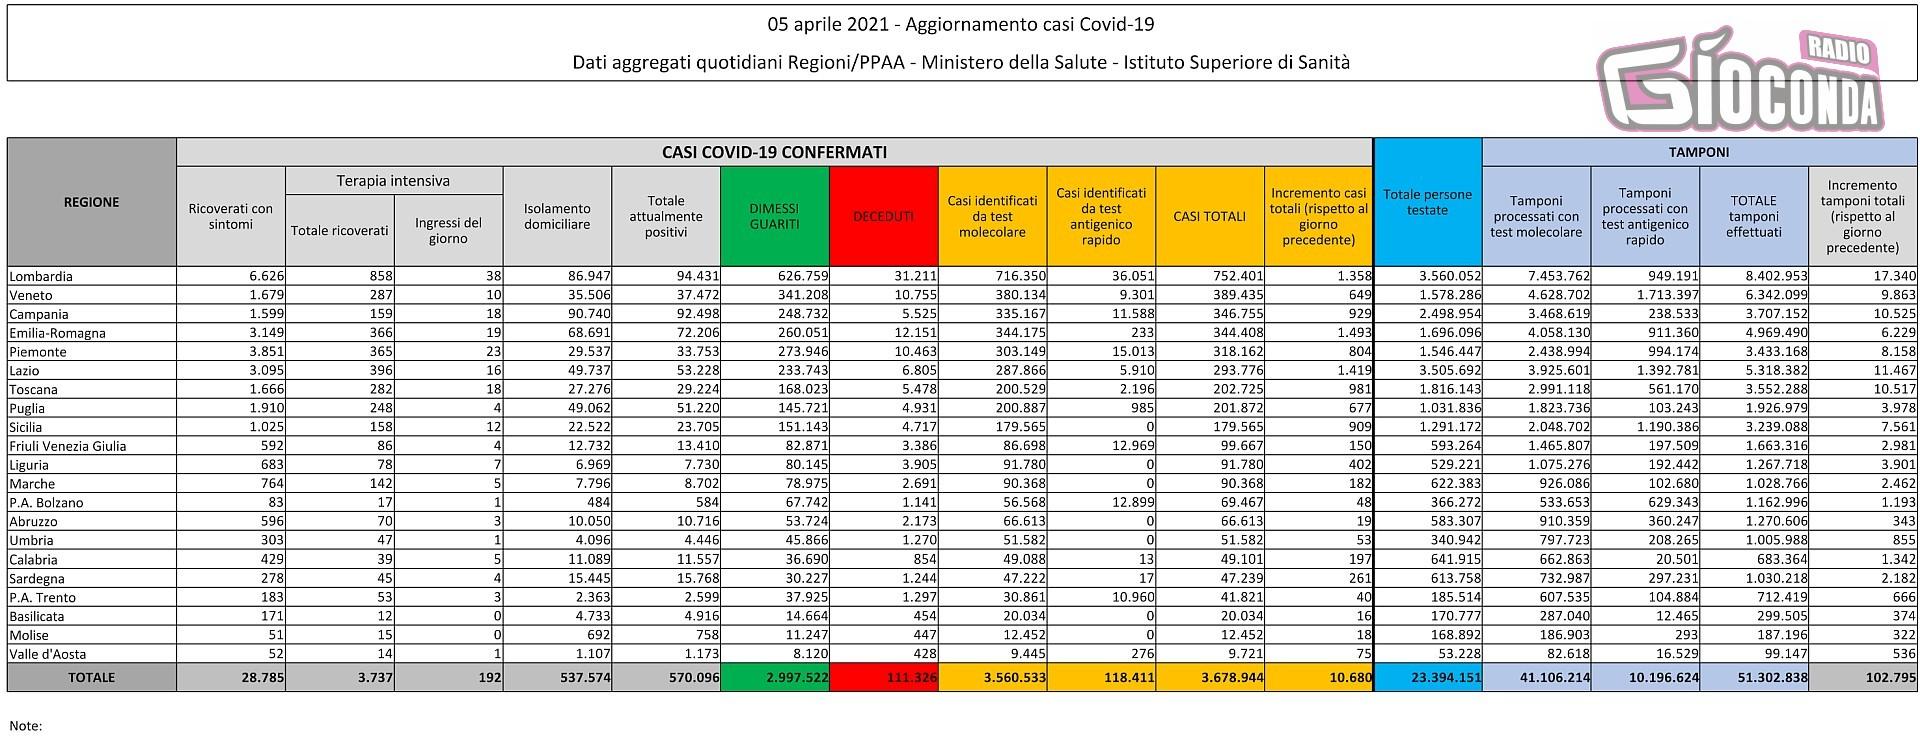 5 aprile 2021 - Aggiornamento casi Covid-19 Dati aggregati quotidiani Regioni/PPAA - Ministero della Salute - Istituto Superiore di Sanità